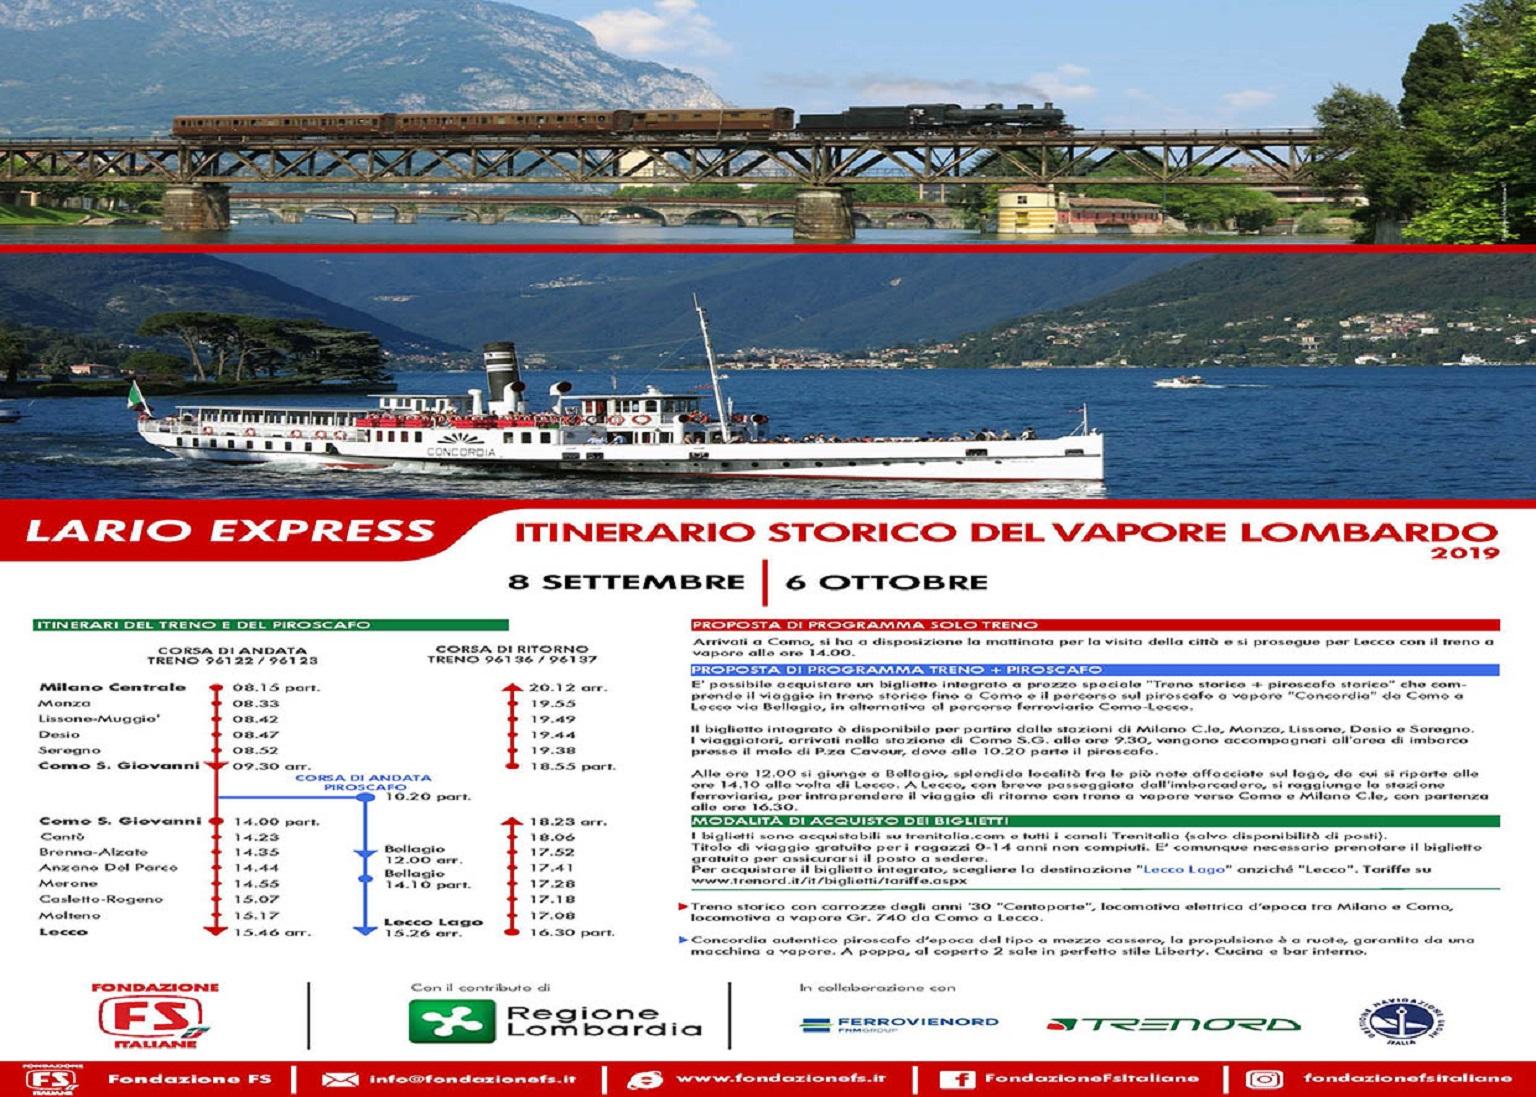 Calendario Treni Storici 2020.Treni Storici Assessore Terzi Lario Express Con Treno E